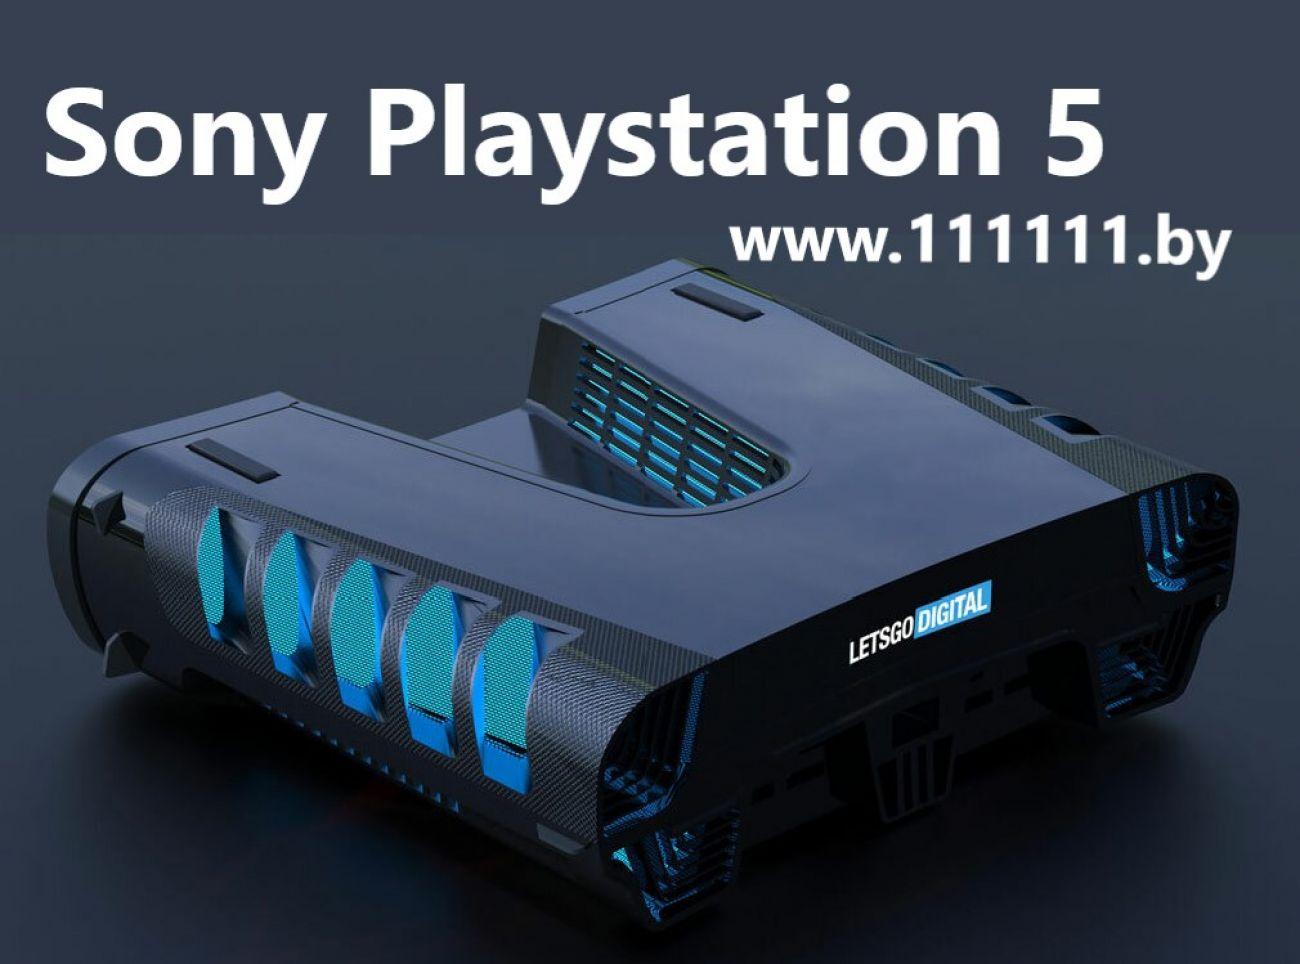 Игровая приставка Sony PlayStation 5 и игры для Sony PS5 онлайн-презентация.